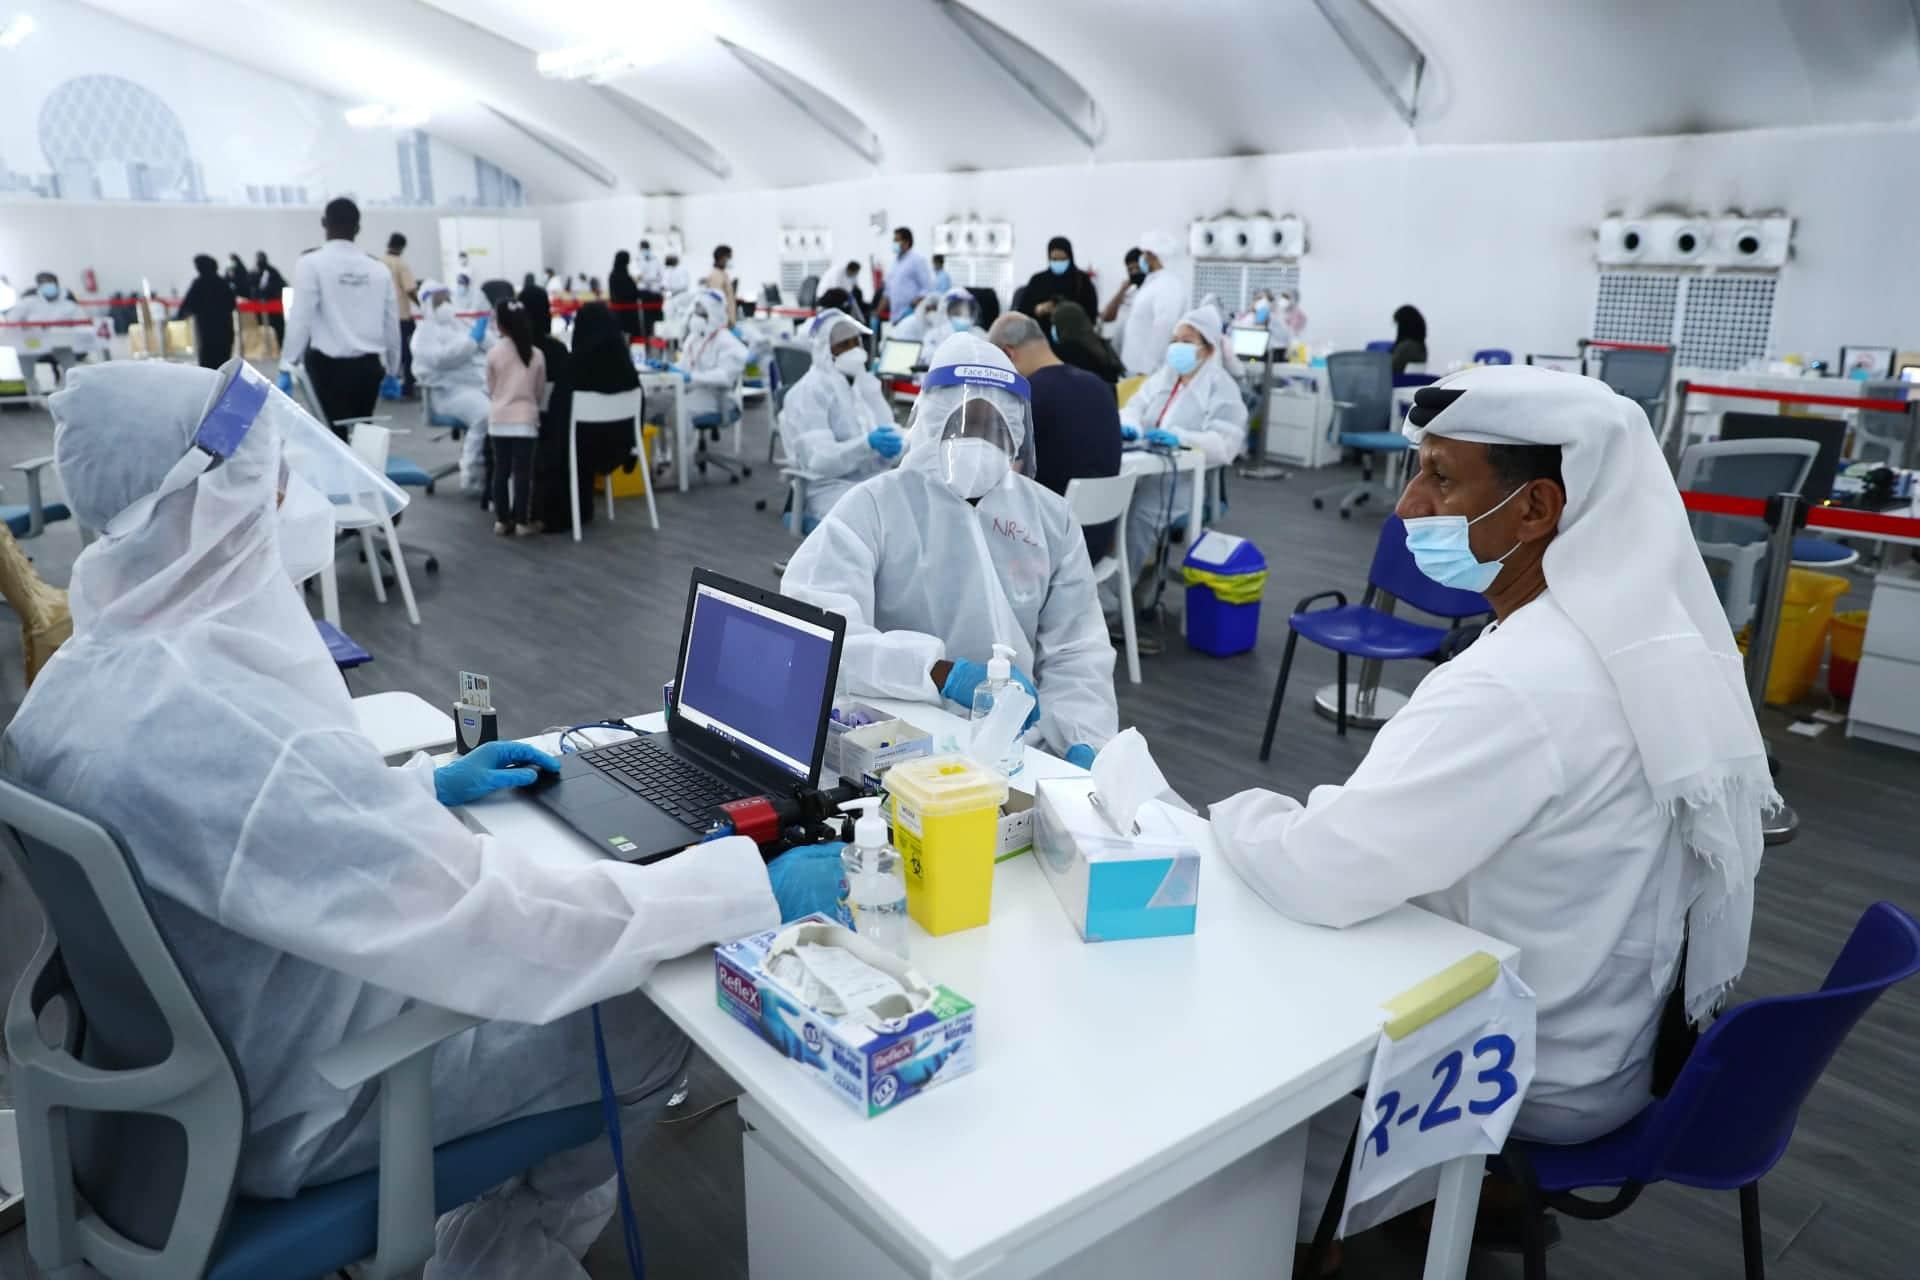 رعب من انتشار كورونا في الإمارات بعد ظهور إصابة جديدة ووزارة الصحة تصدر بيانا هاما